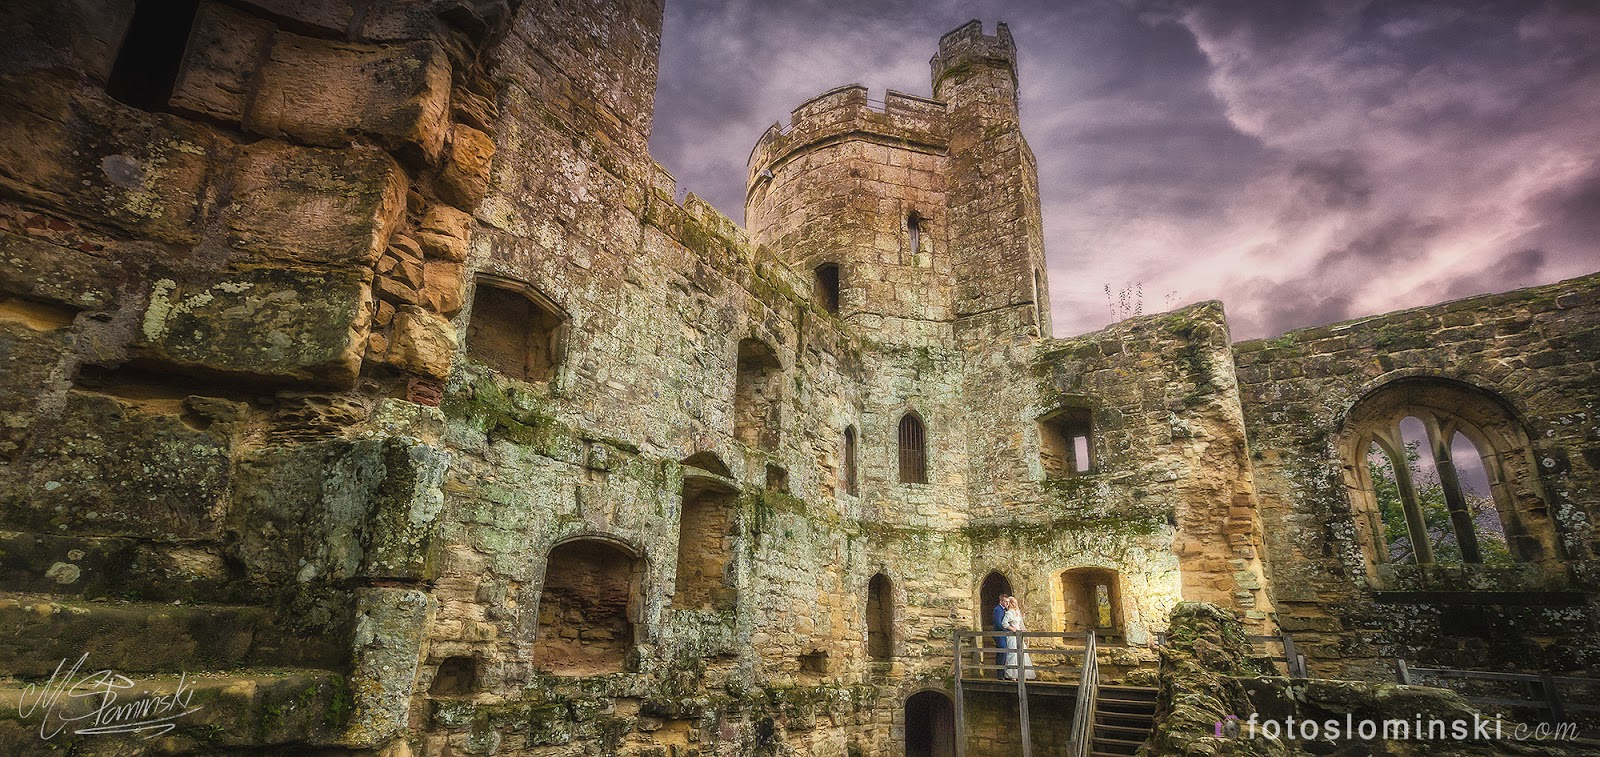 Dziś piękny zamek Bodiam w Wielkiej Brytanii - Fotografia ślubna Słomiński Wrocław.